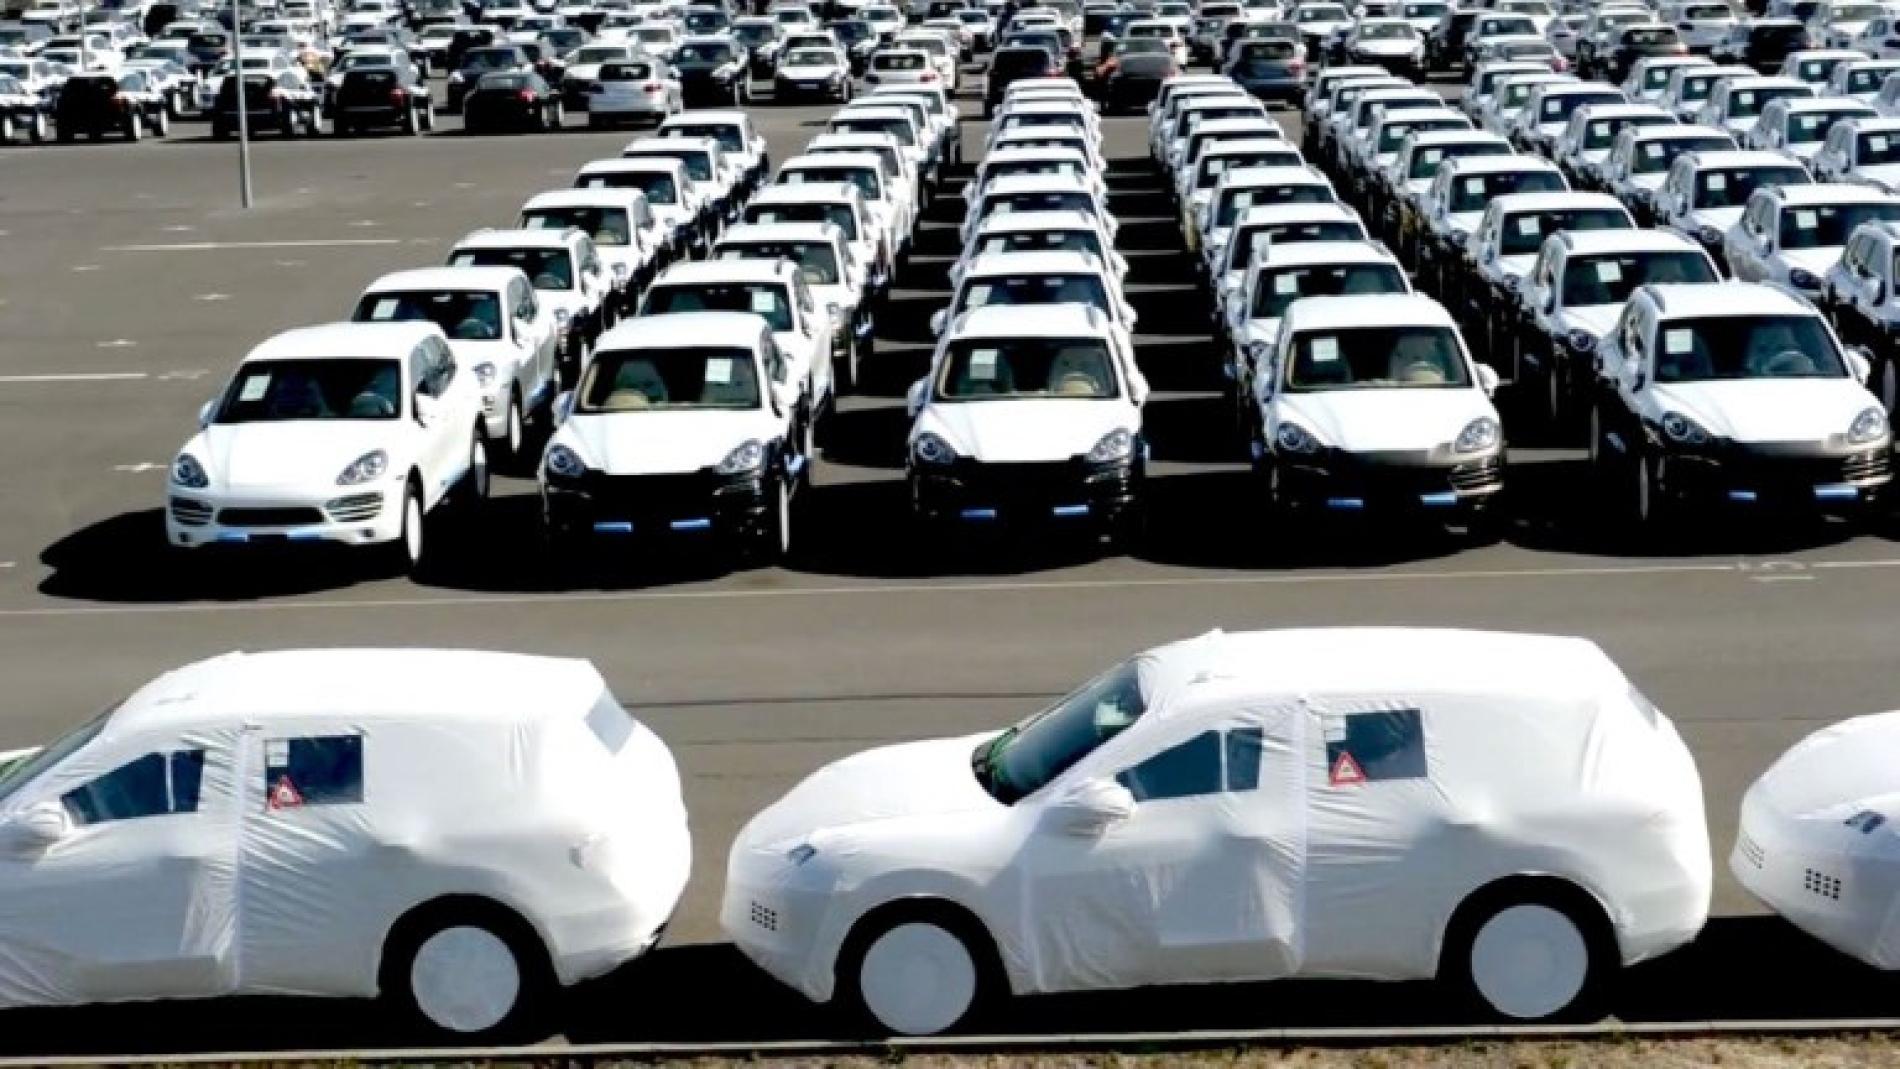 مبيعات السيارات في تركيا تهبط  في عام 2018